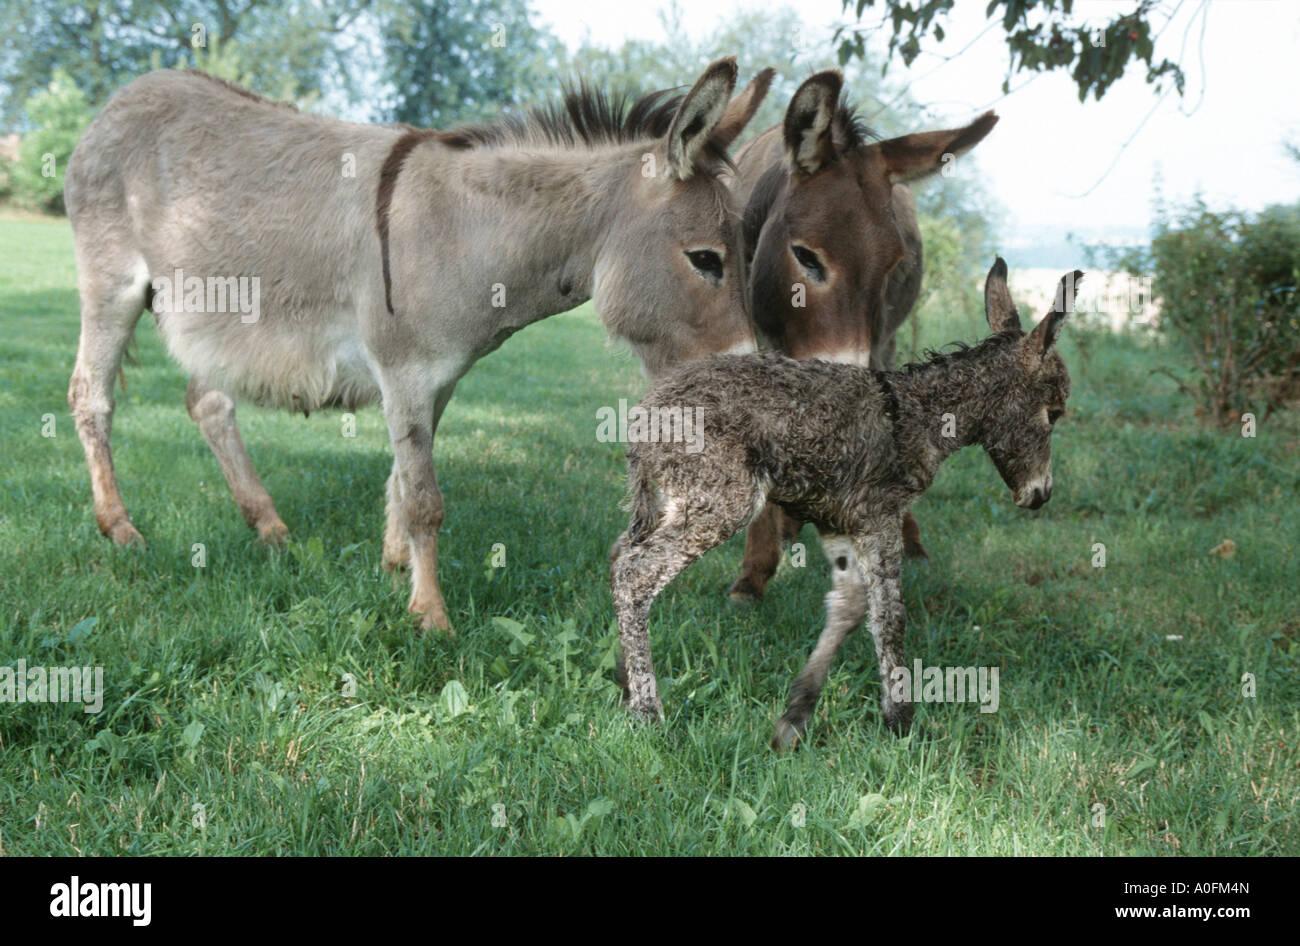 inländische Esel (Equus Asinus F. Asinus), Stute und Hengst mit neugeborenen Fohlen, Deutschland, Niederbayern Stockbild